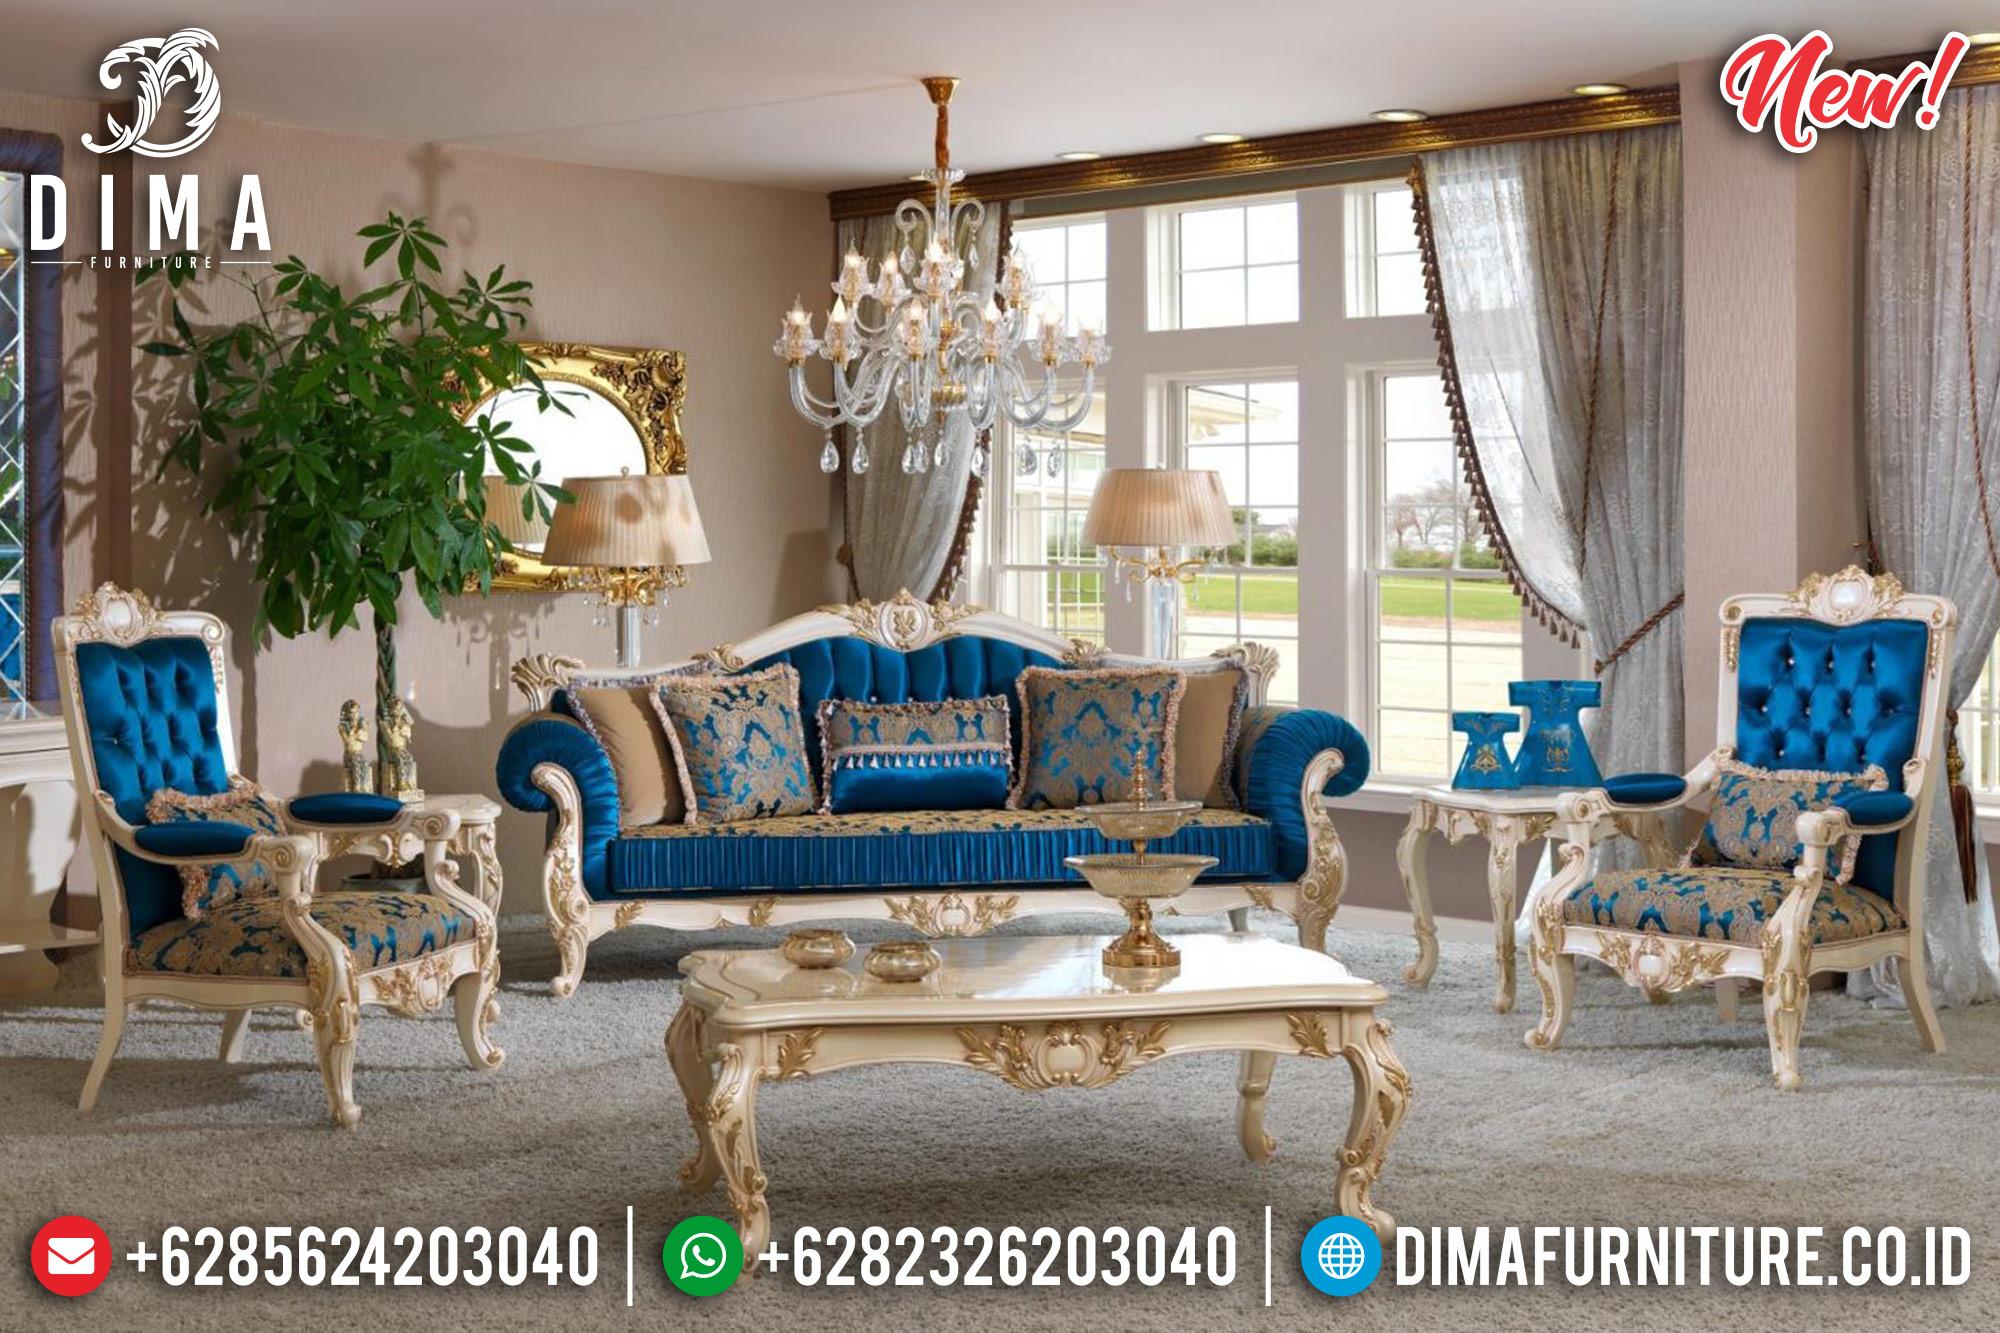 Erciyes Set 3 1 1 Sofa Tamu Jepara Mewah Classic MMJ-0238